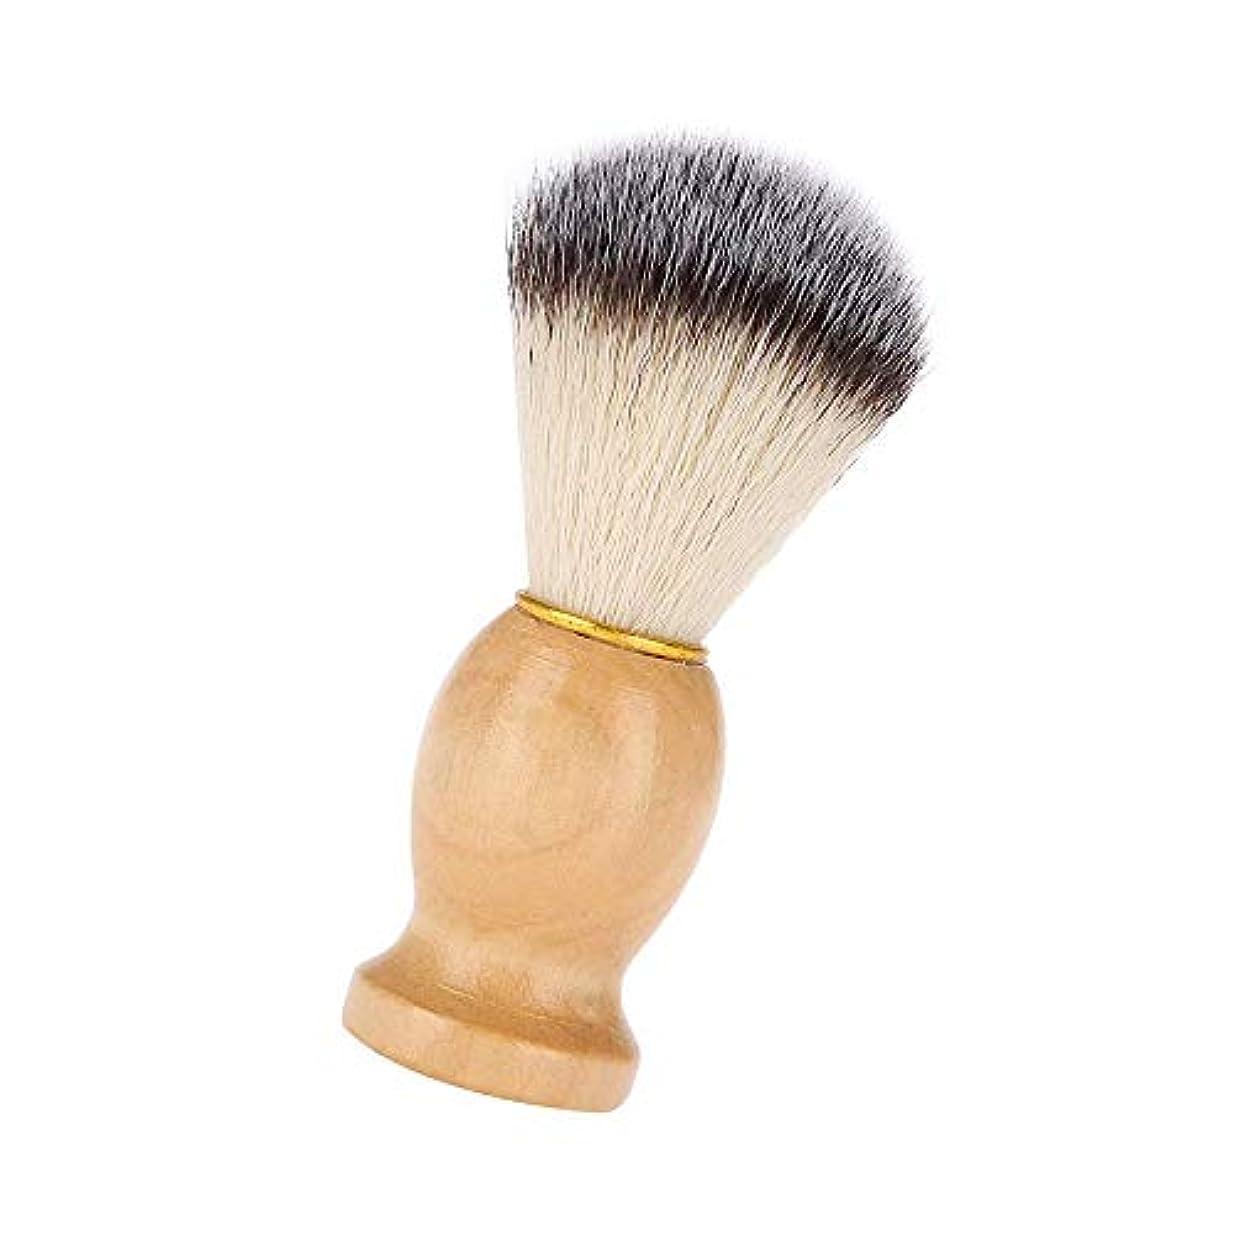 通信する打ち上げるバドミントン1本セット ヘア シェービングブラシ 髭剃り ひげブラシメンズシェービングブラシ